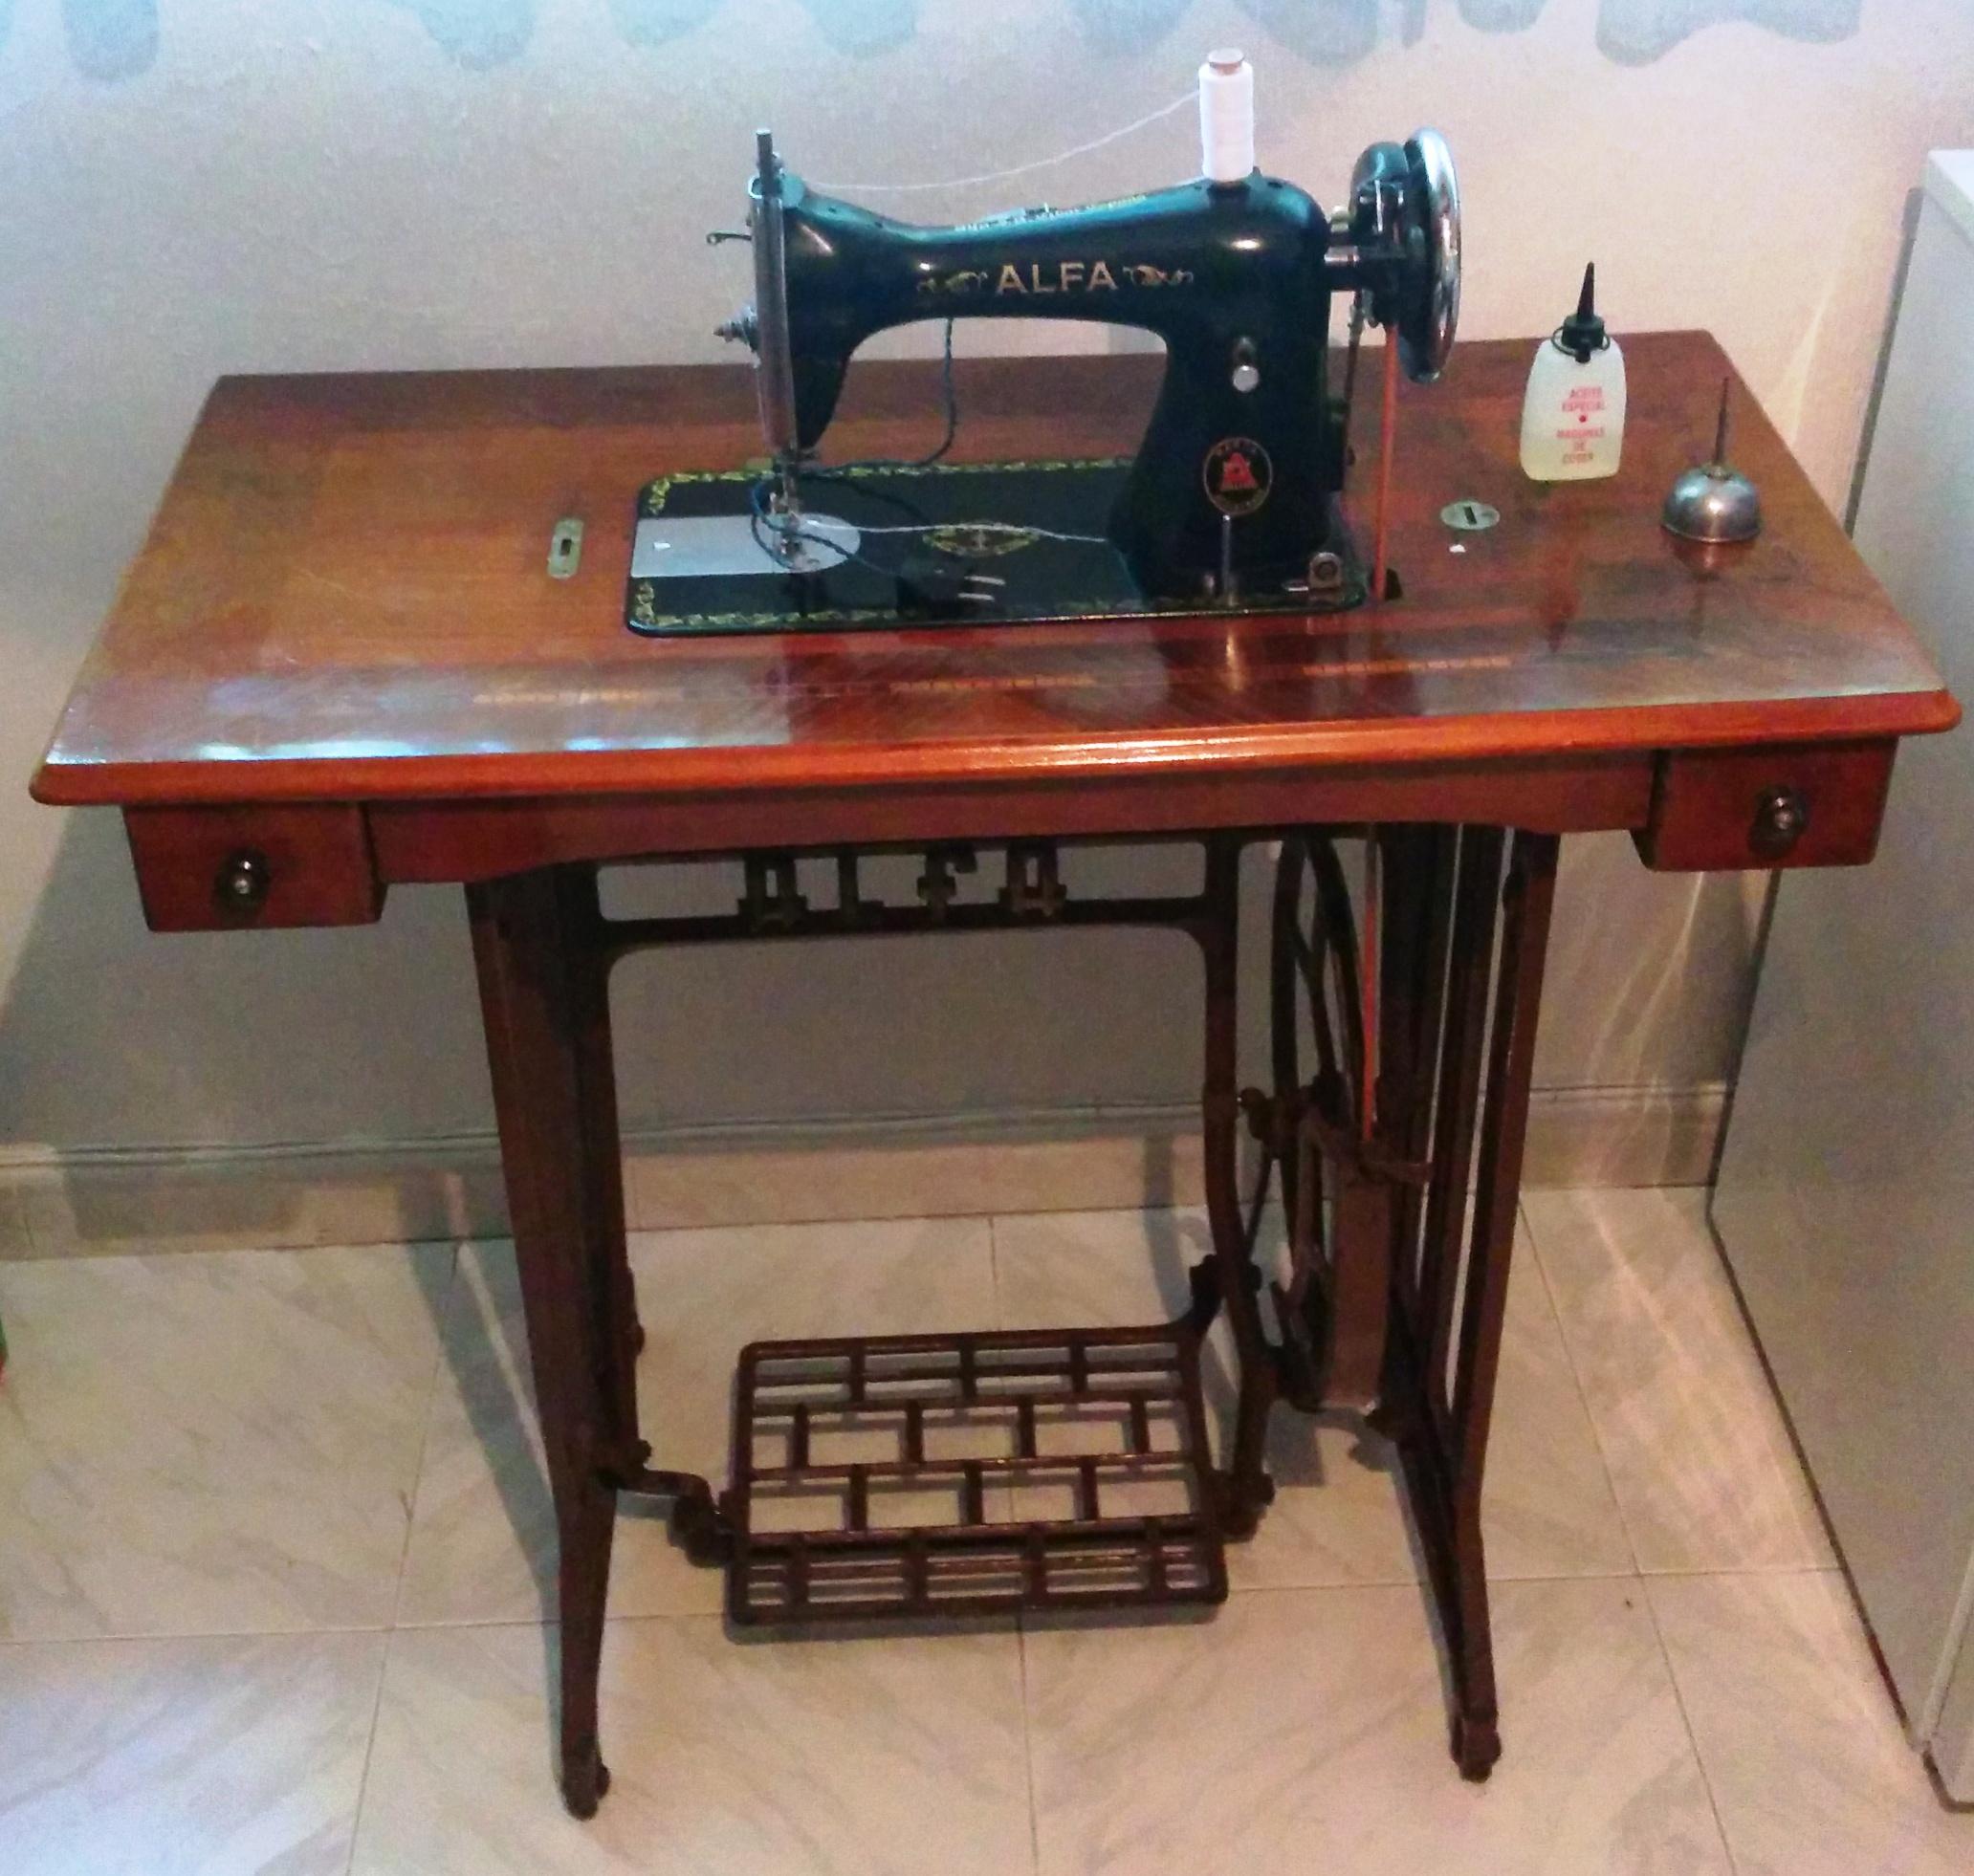 Maquina de coser buscar: Maquinas de coser antiguas alfa